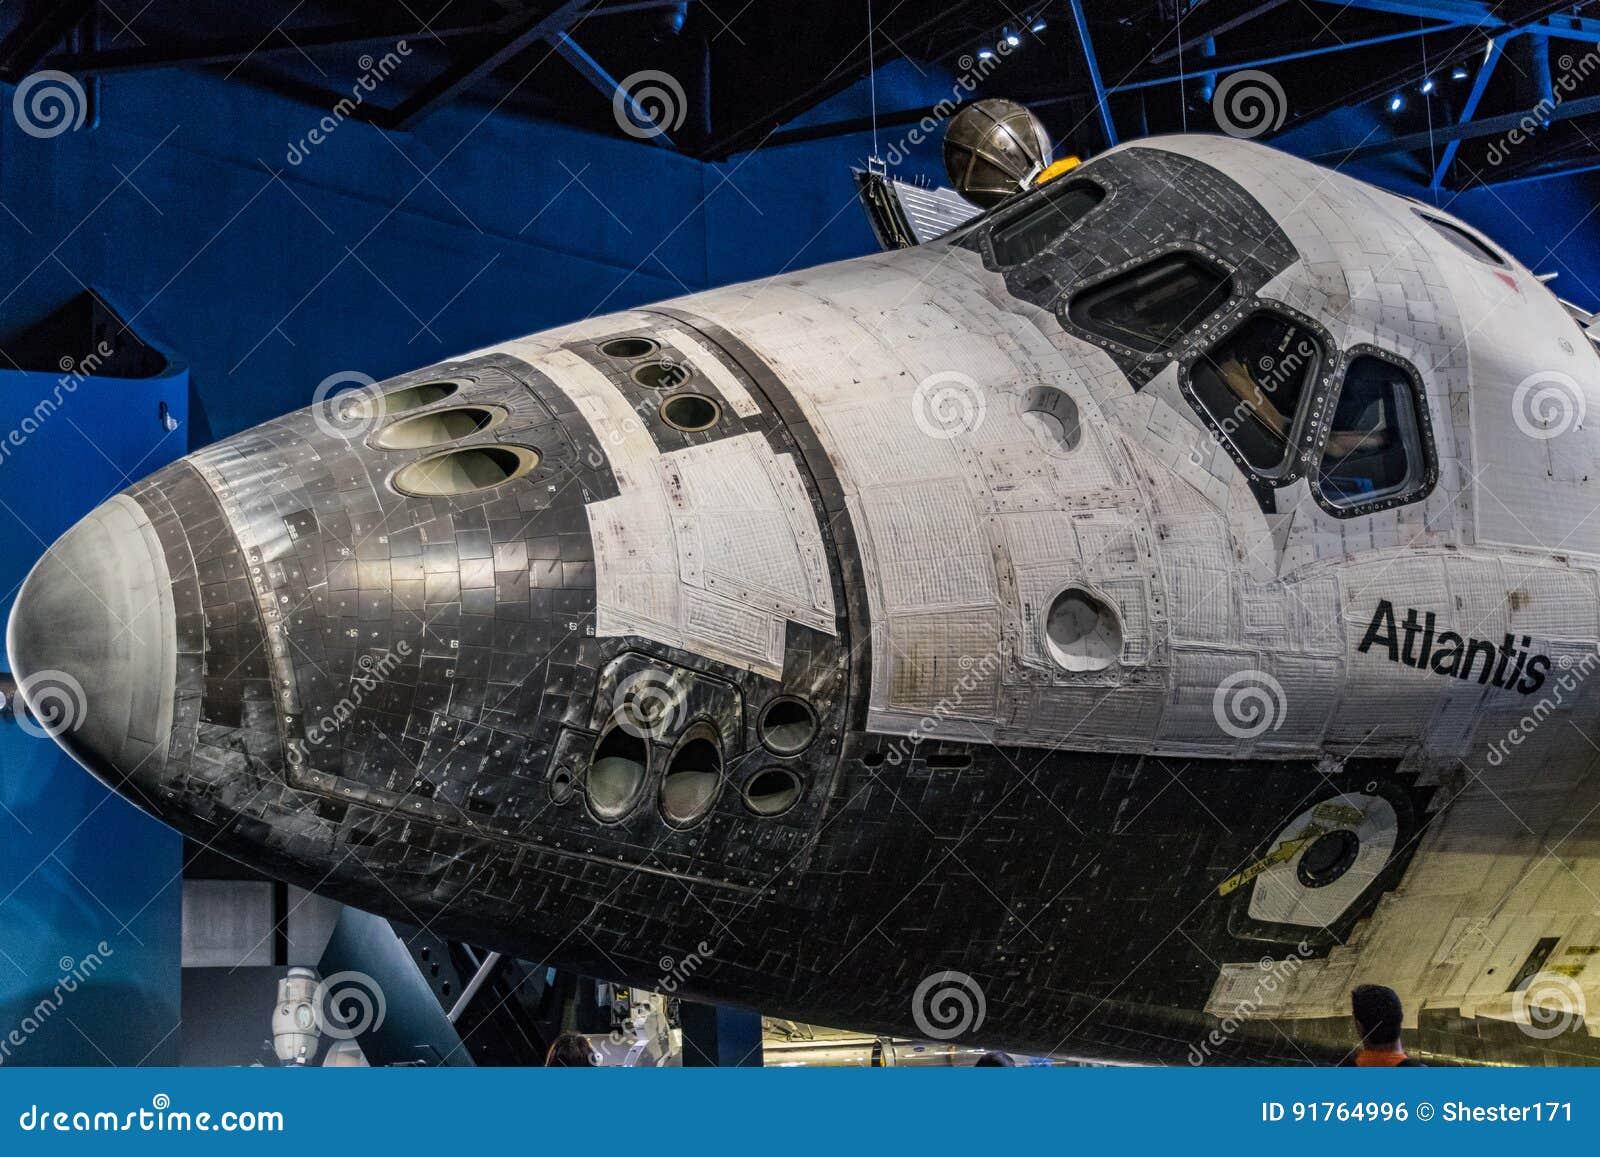 Canela de espaço Atlantis